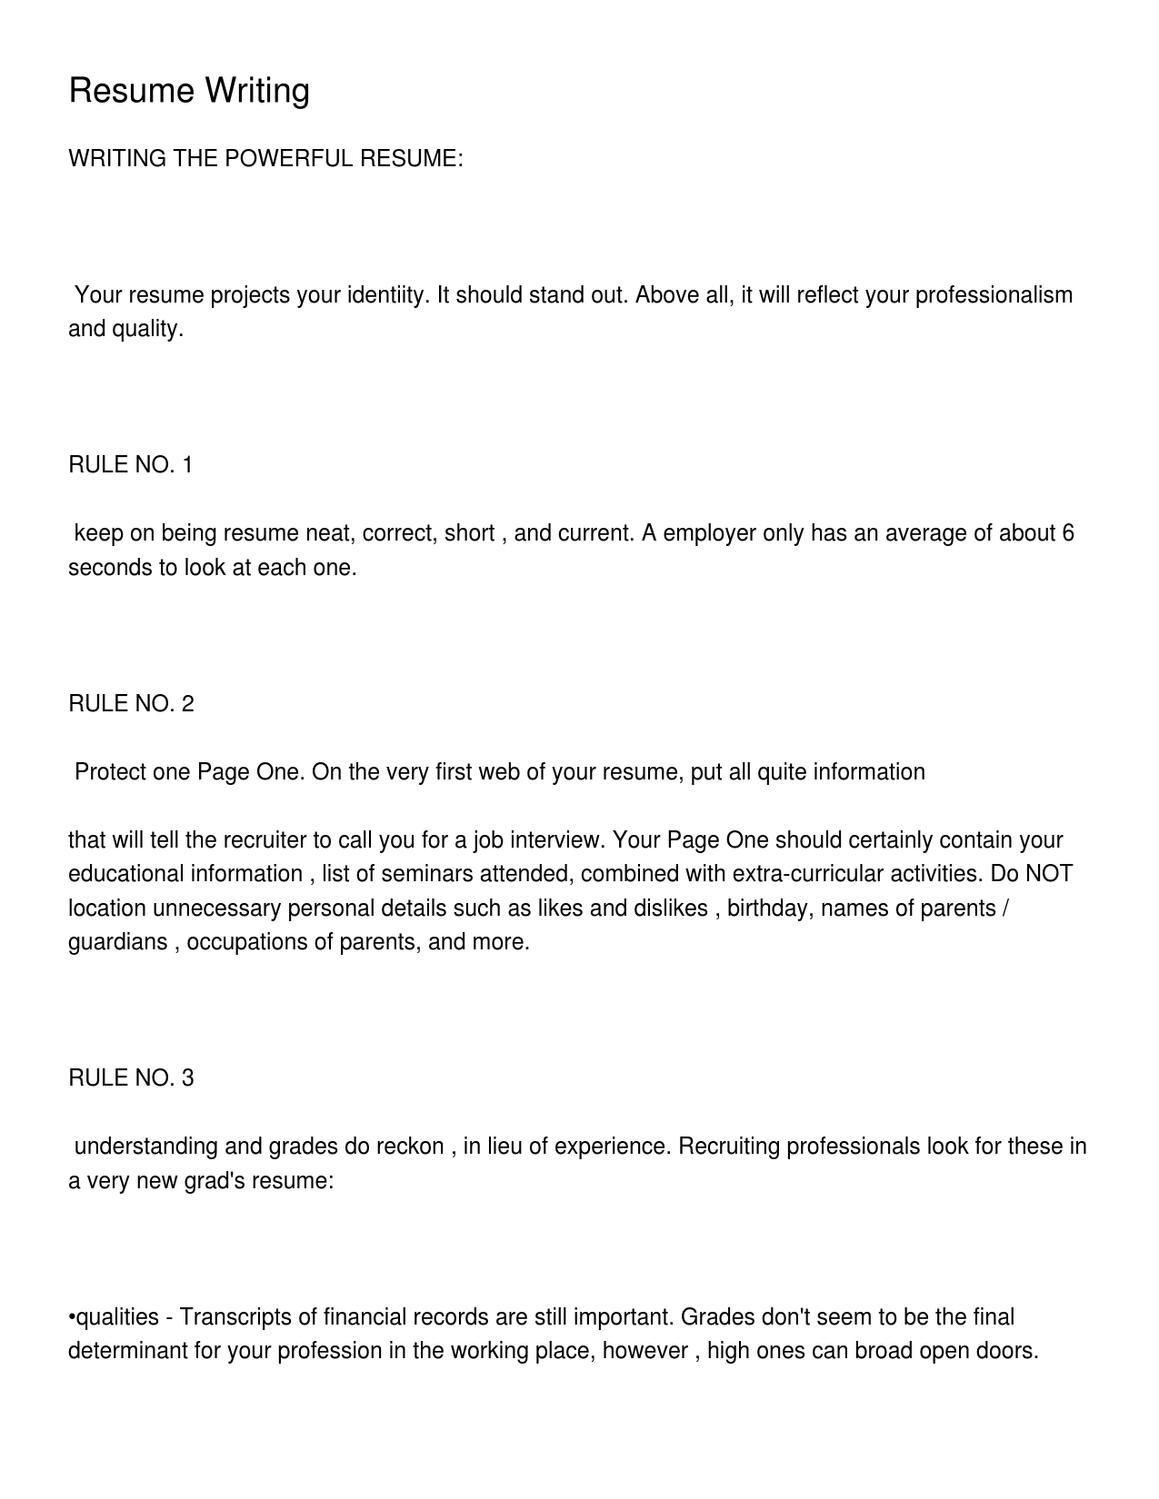 Resume Writing by Thomas Smith - issuu